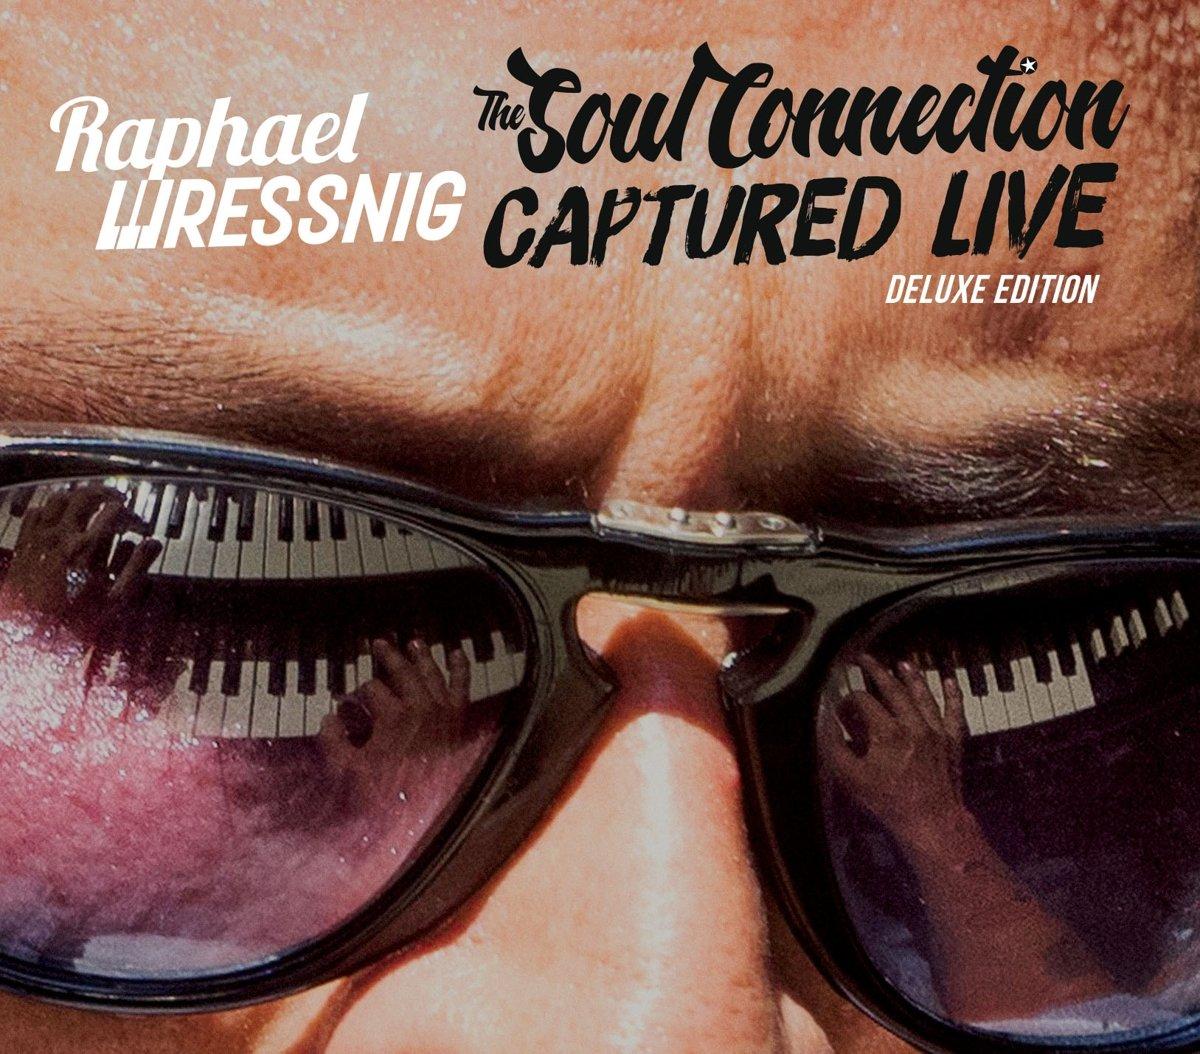 Рафаэль Врессниг Raphael Wressnig. Soul Connection (2 CD)